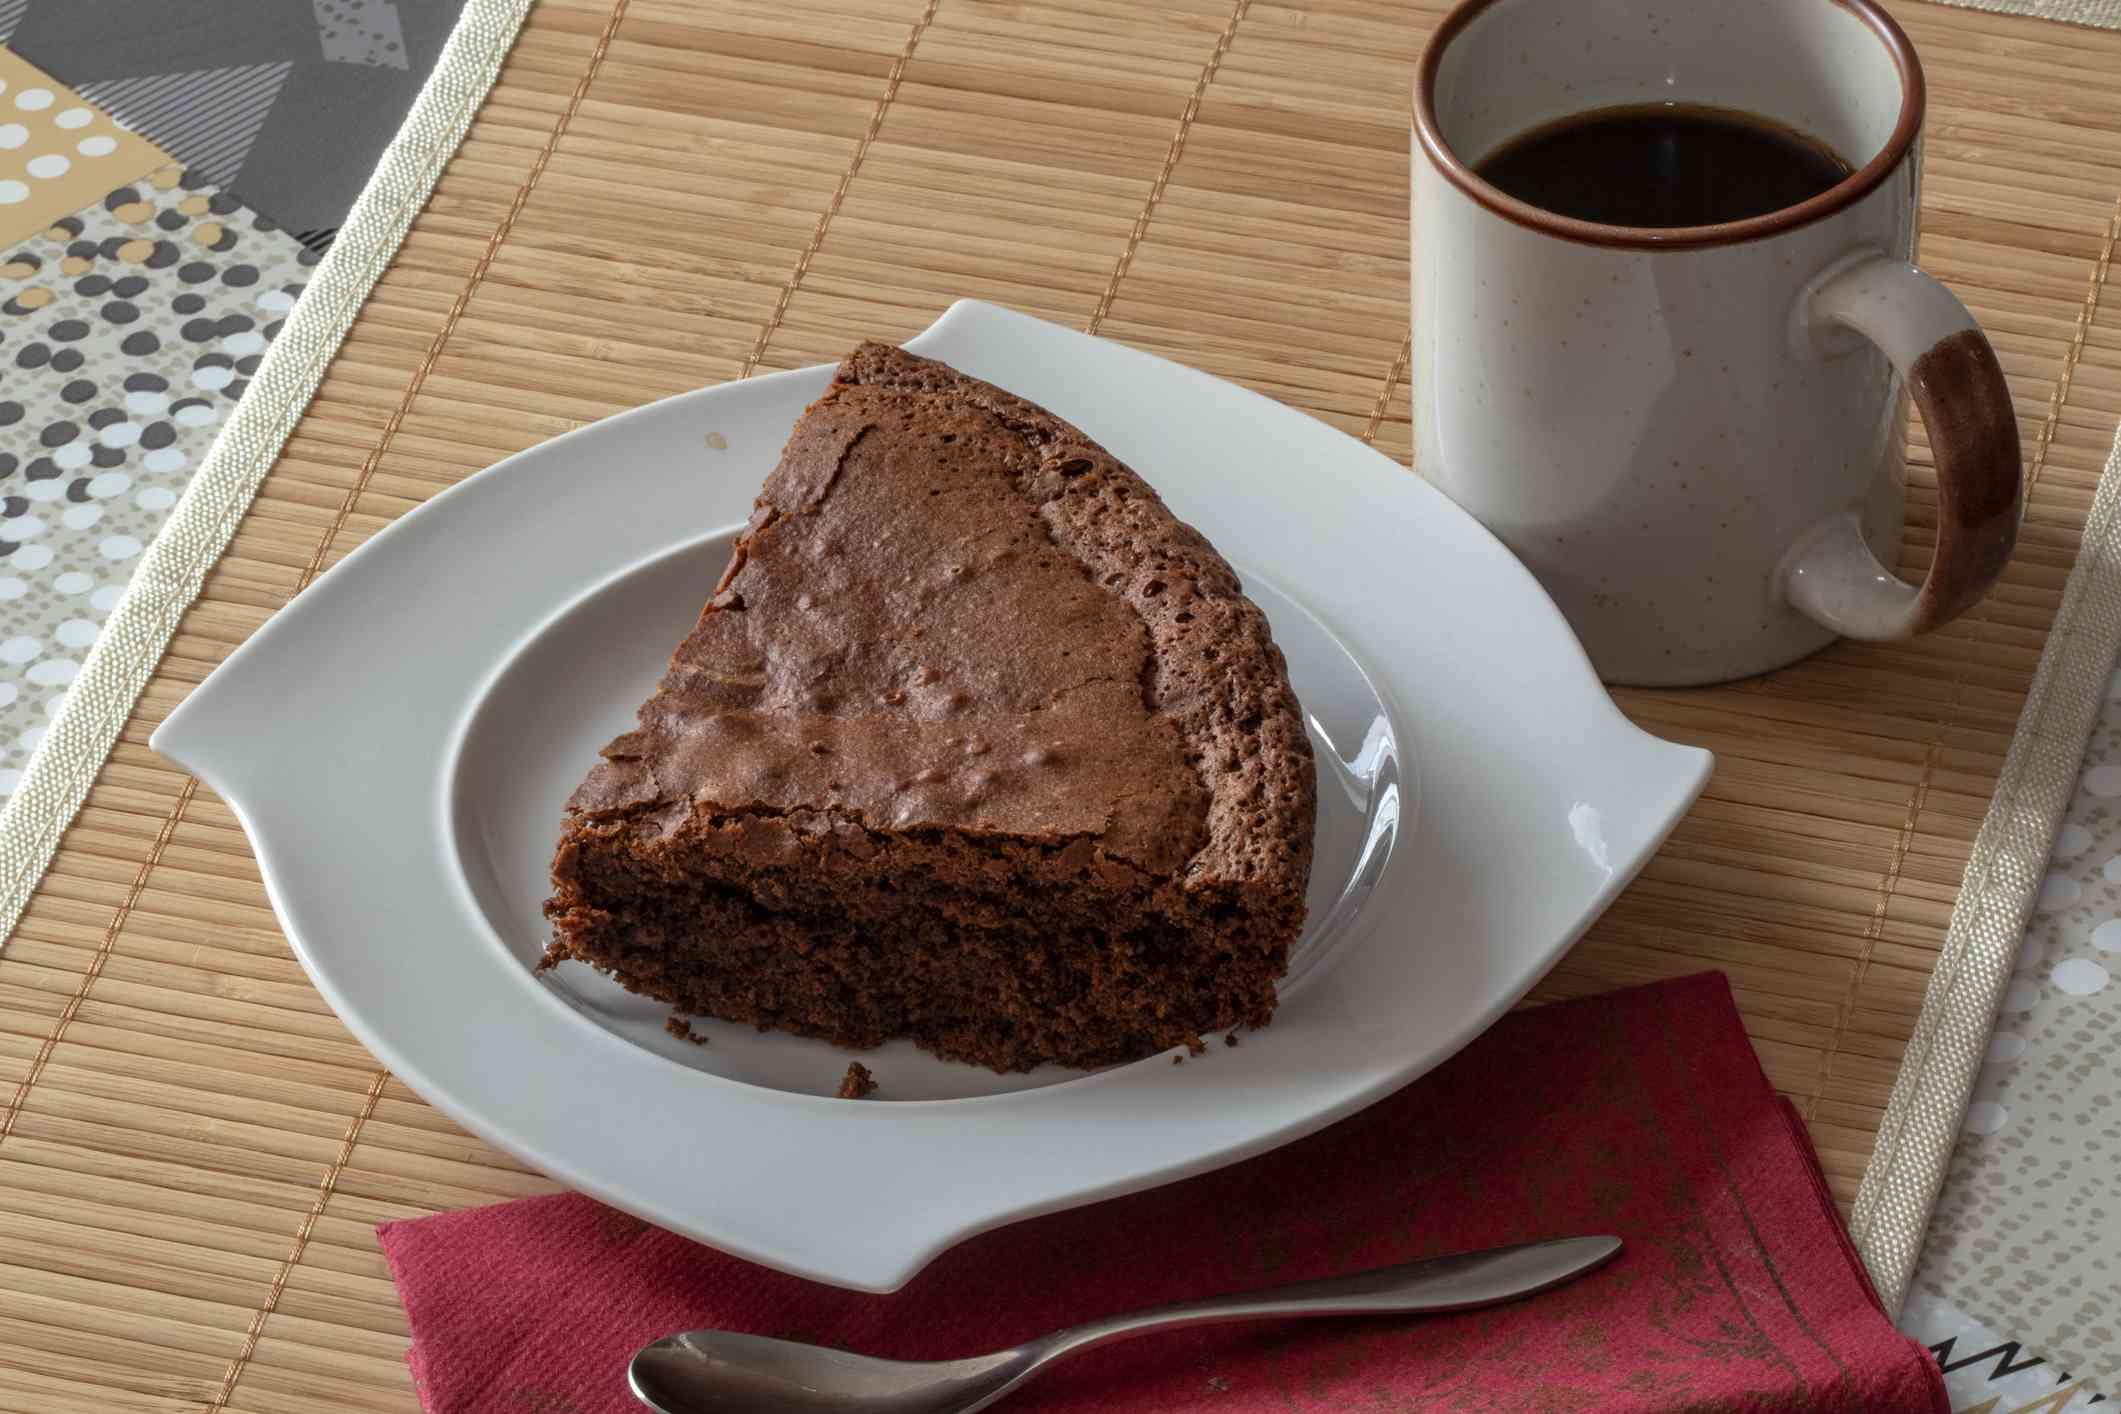 Chocolate cake on a plate with a mug of coffee